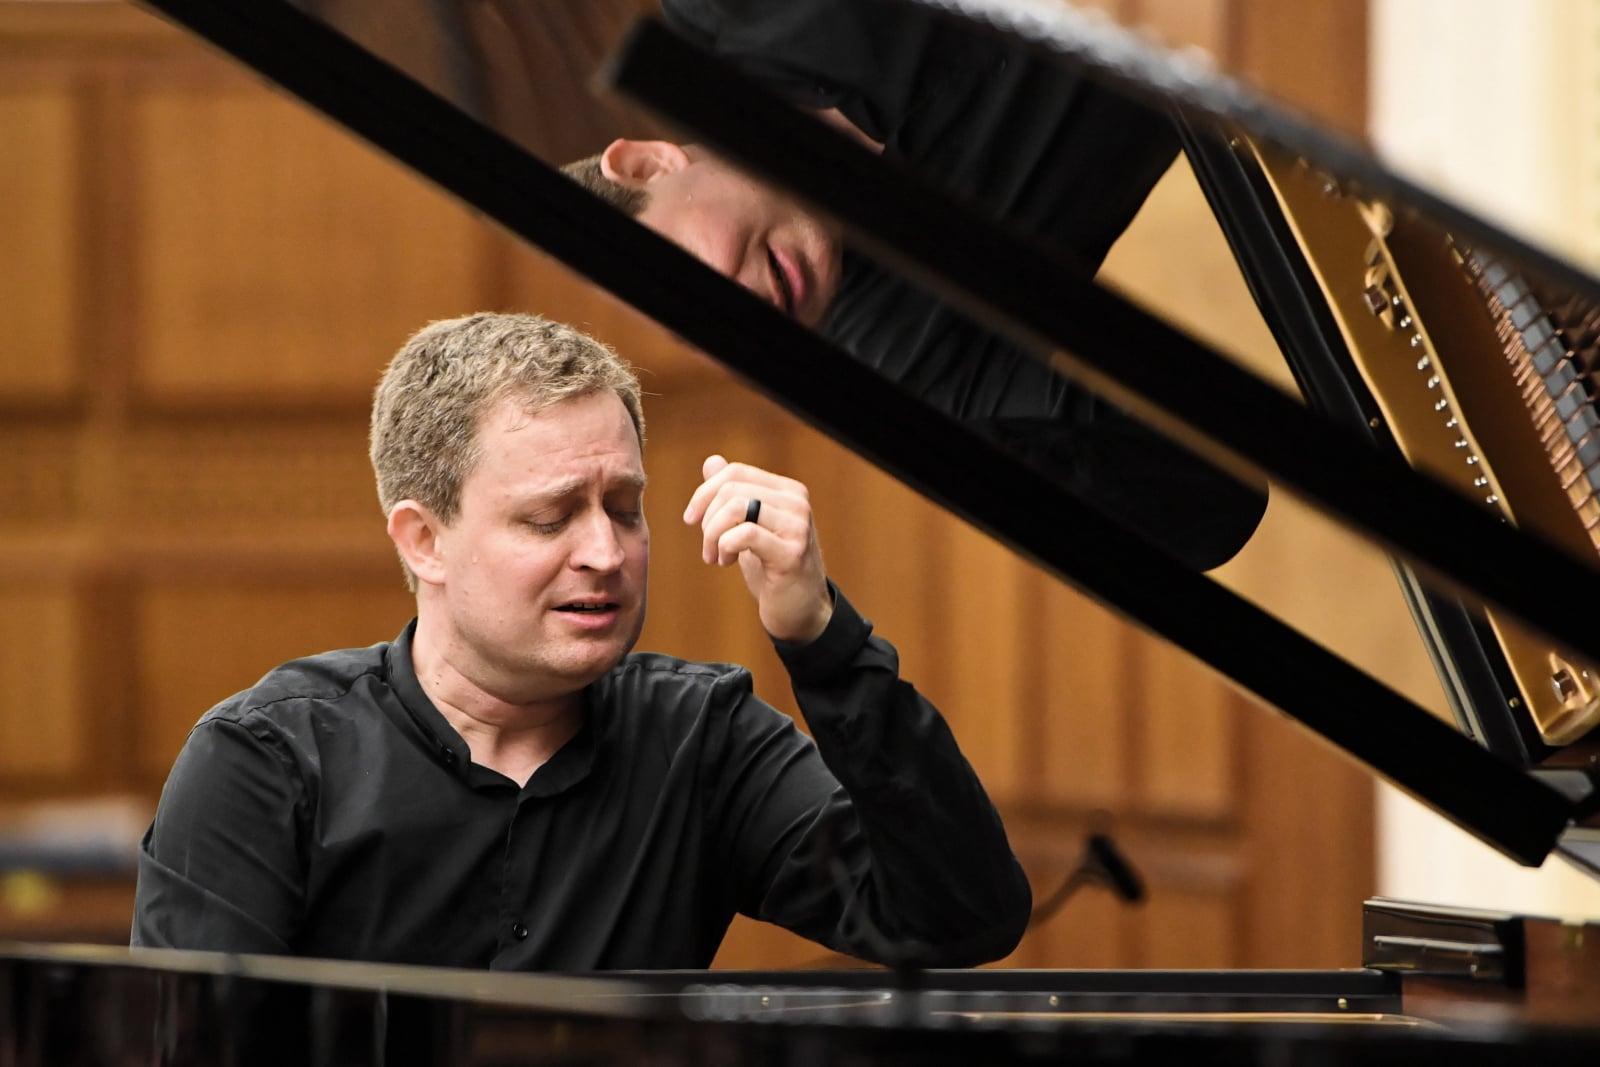 Koncert Andrew Armstronga w Warszawie fot. PAP/Radek Pietruszka